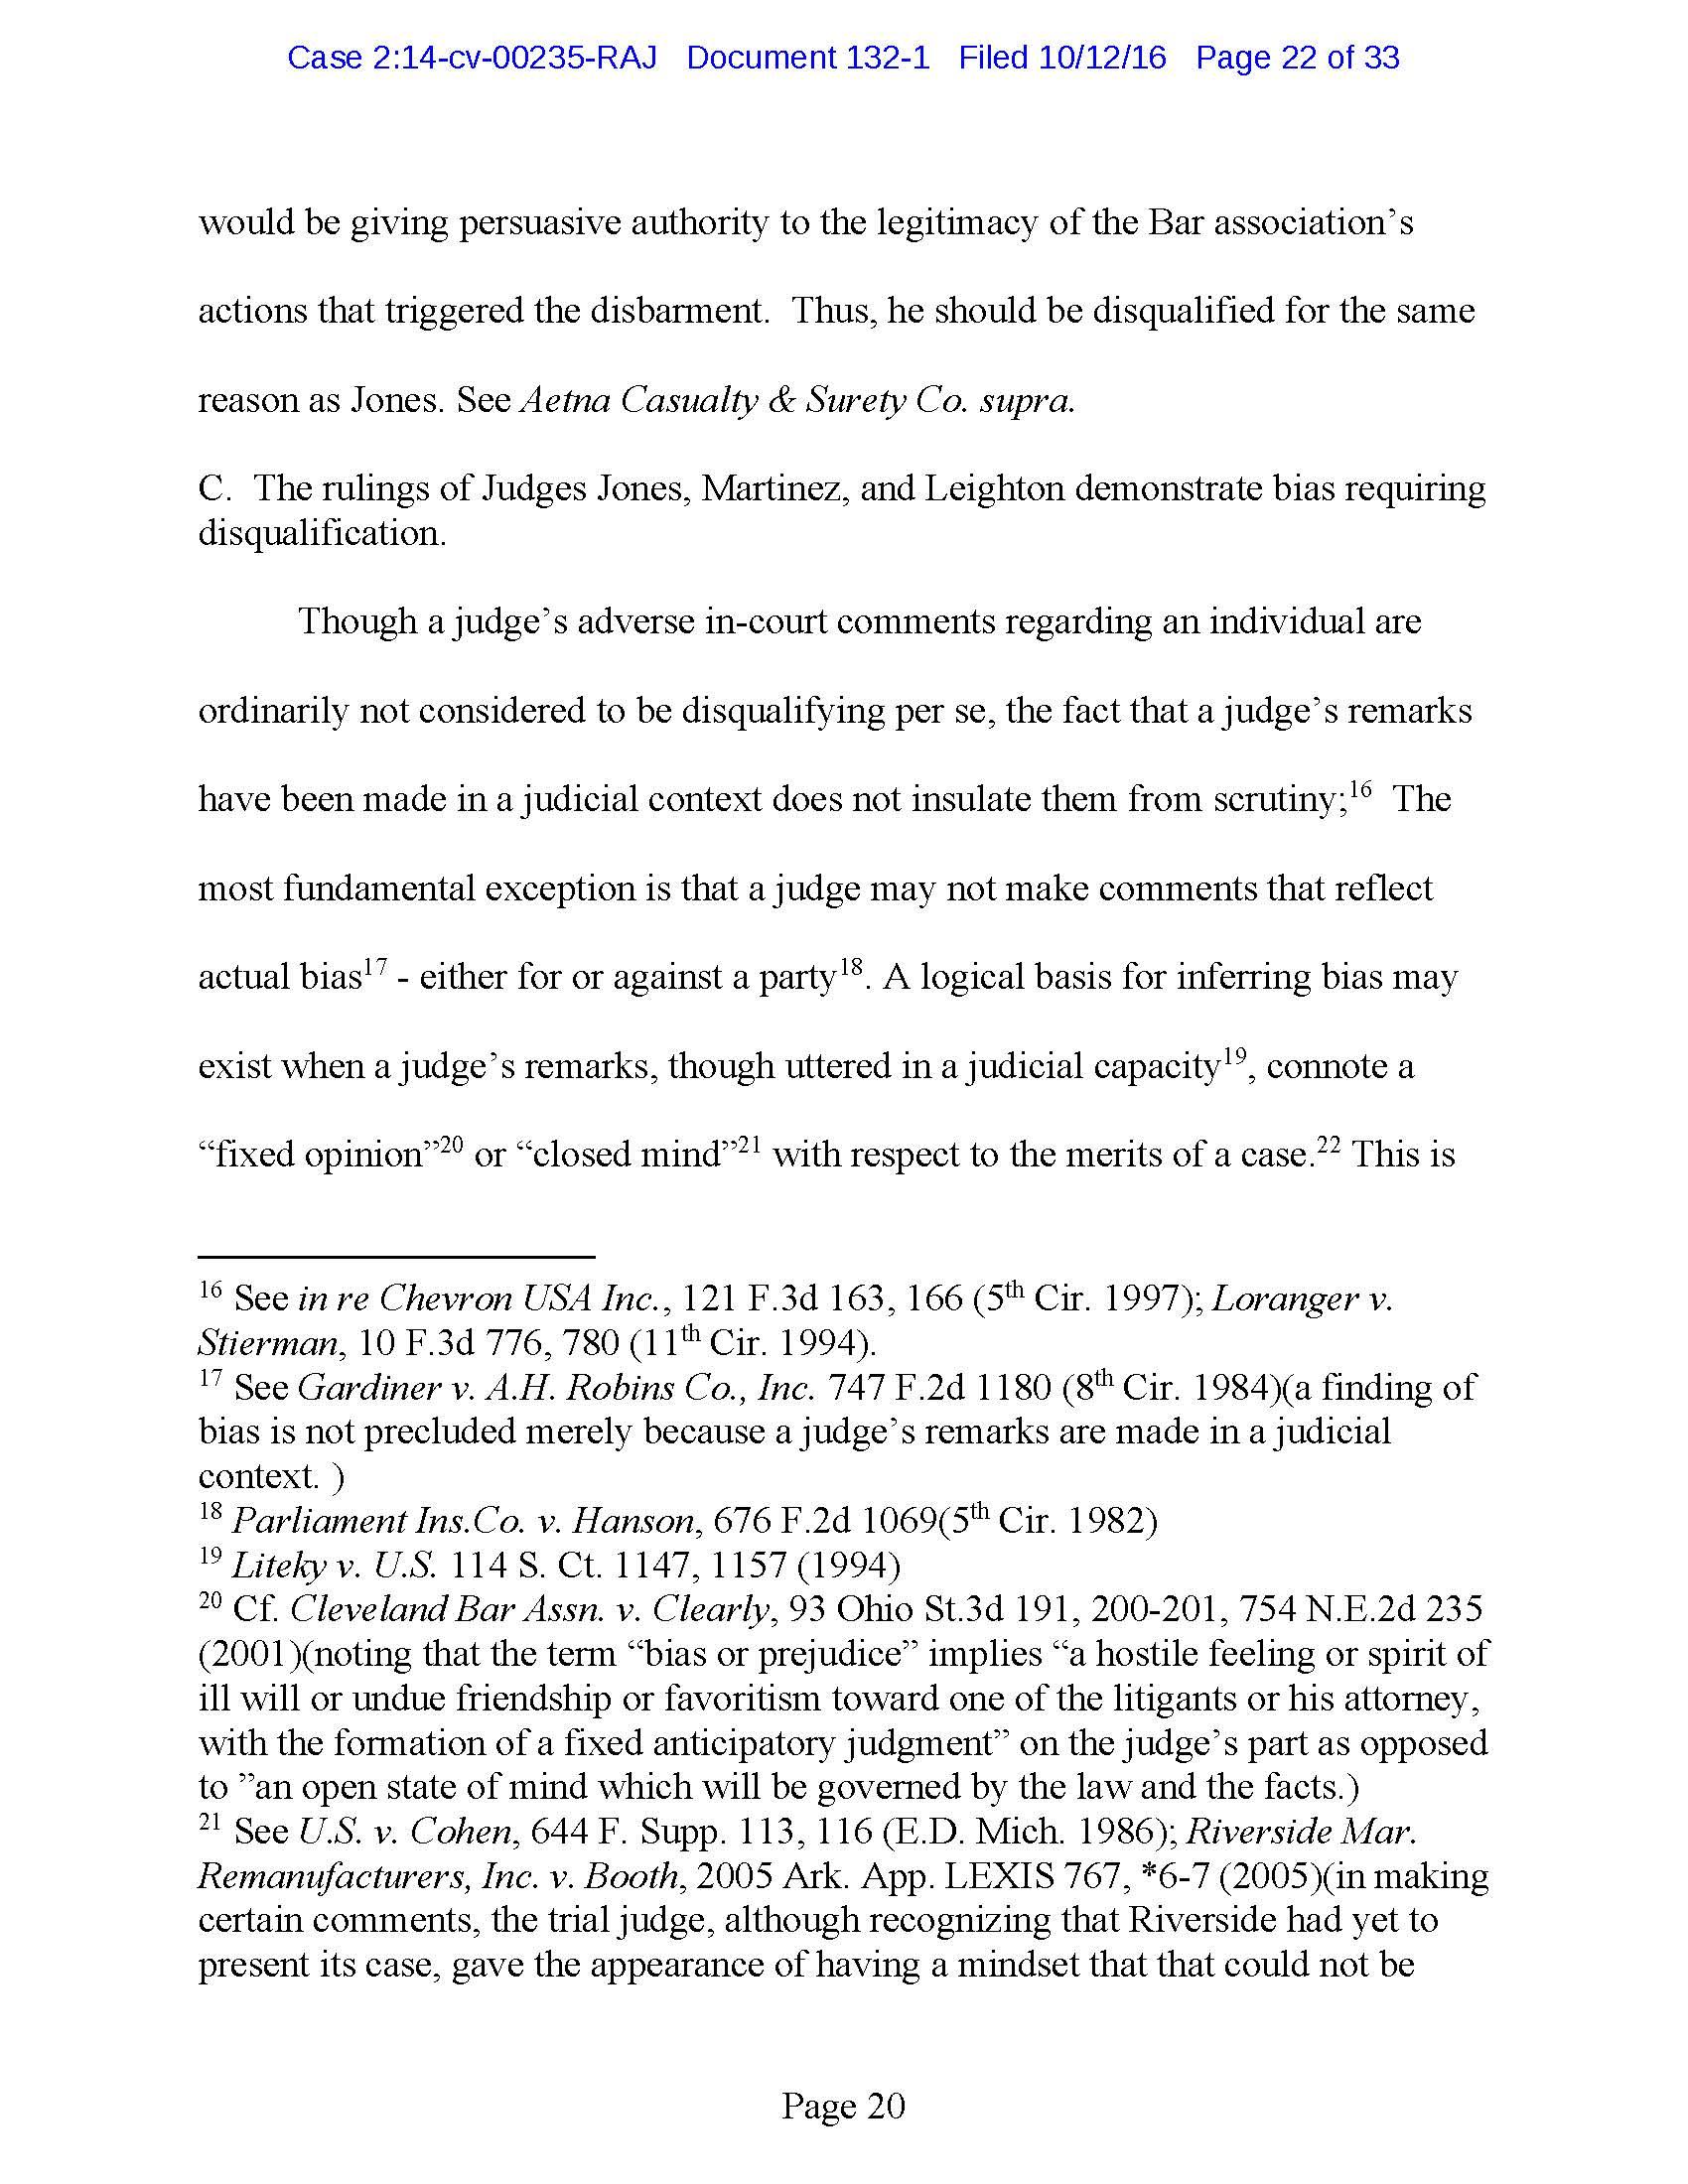 writ_page_22